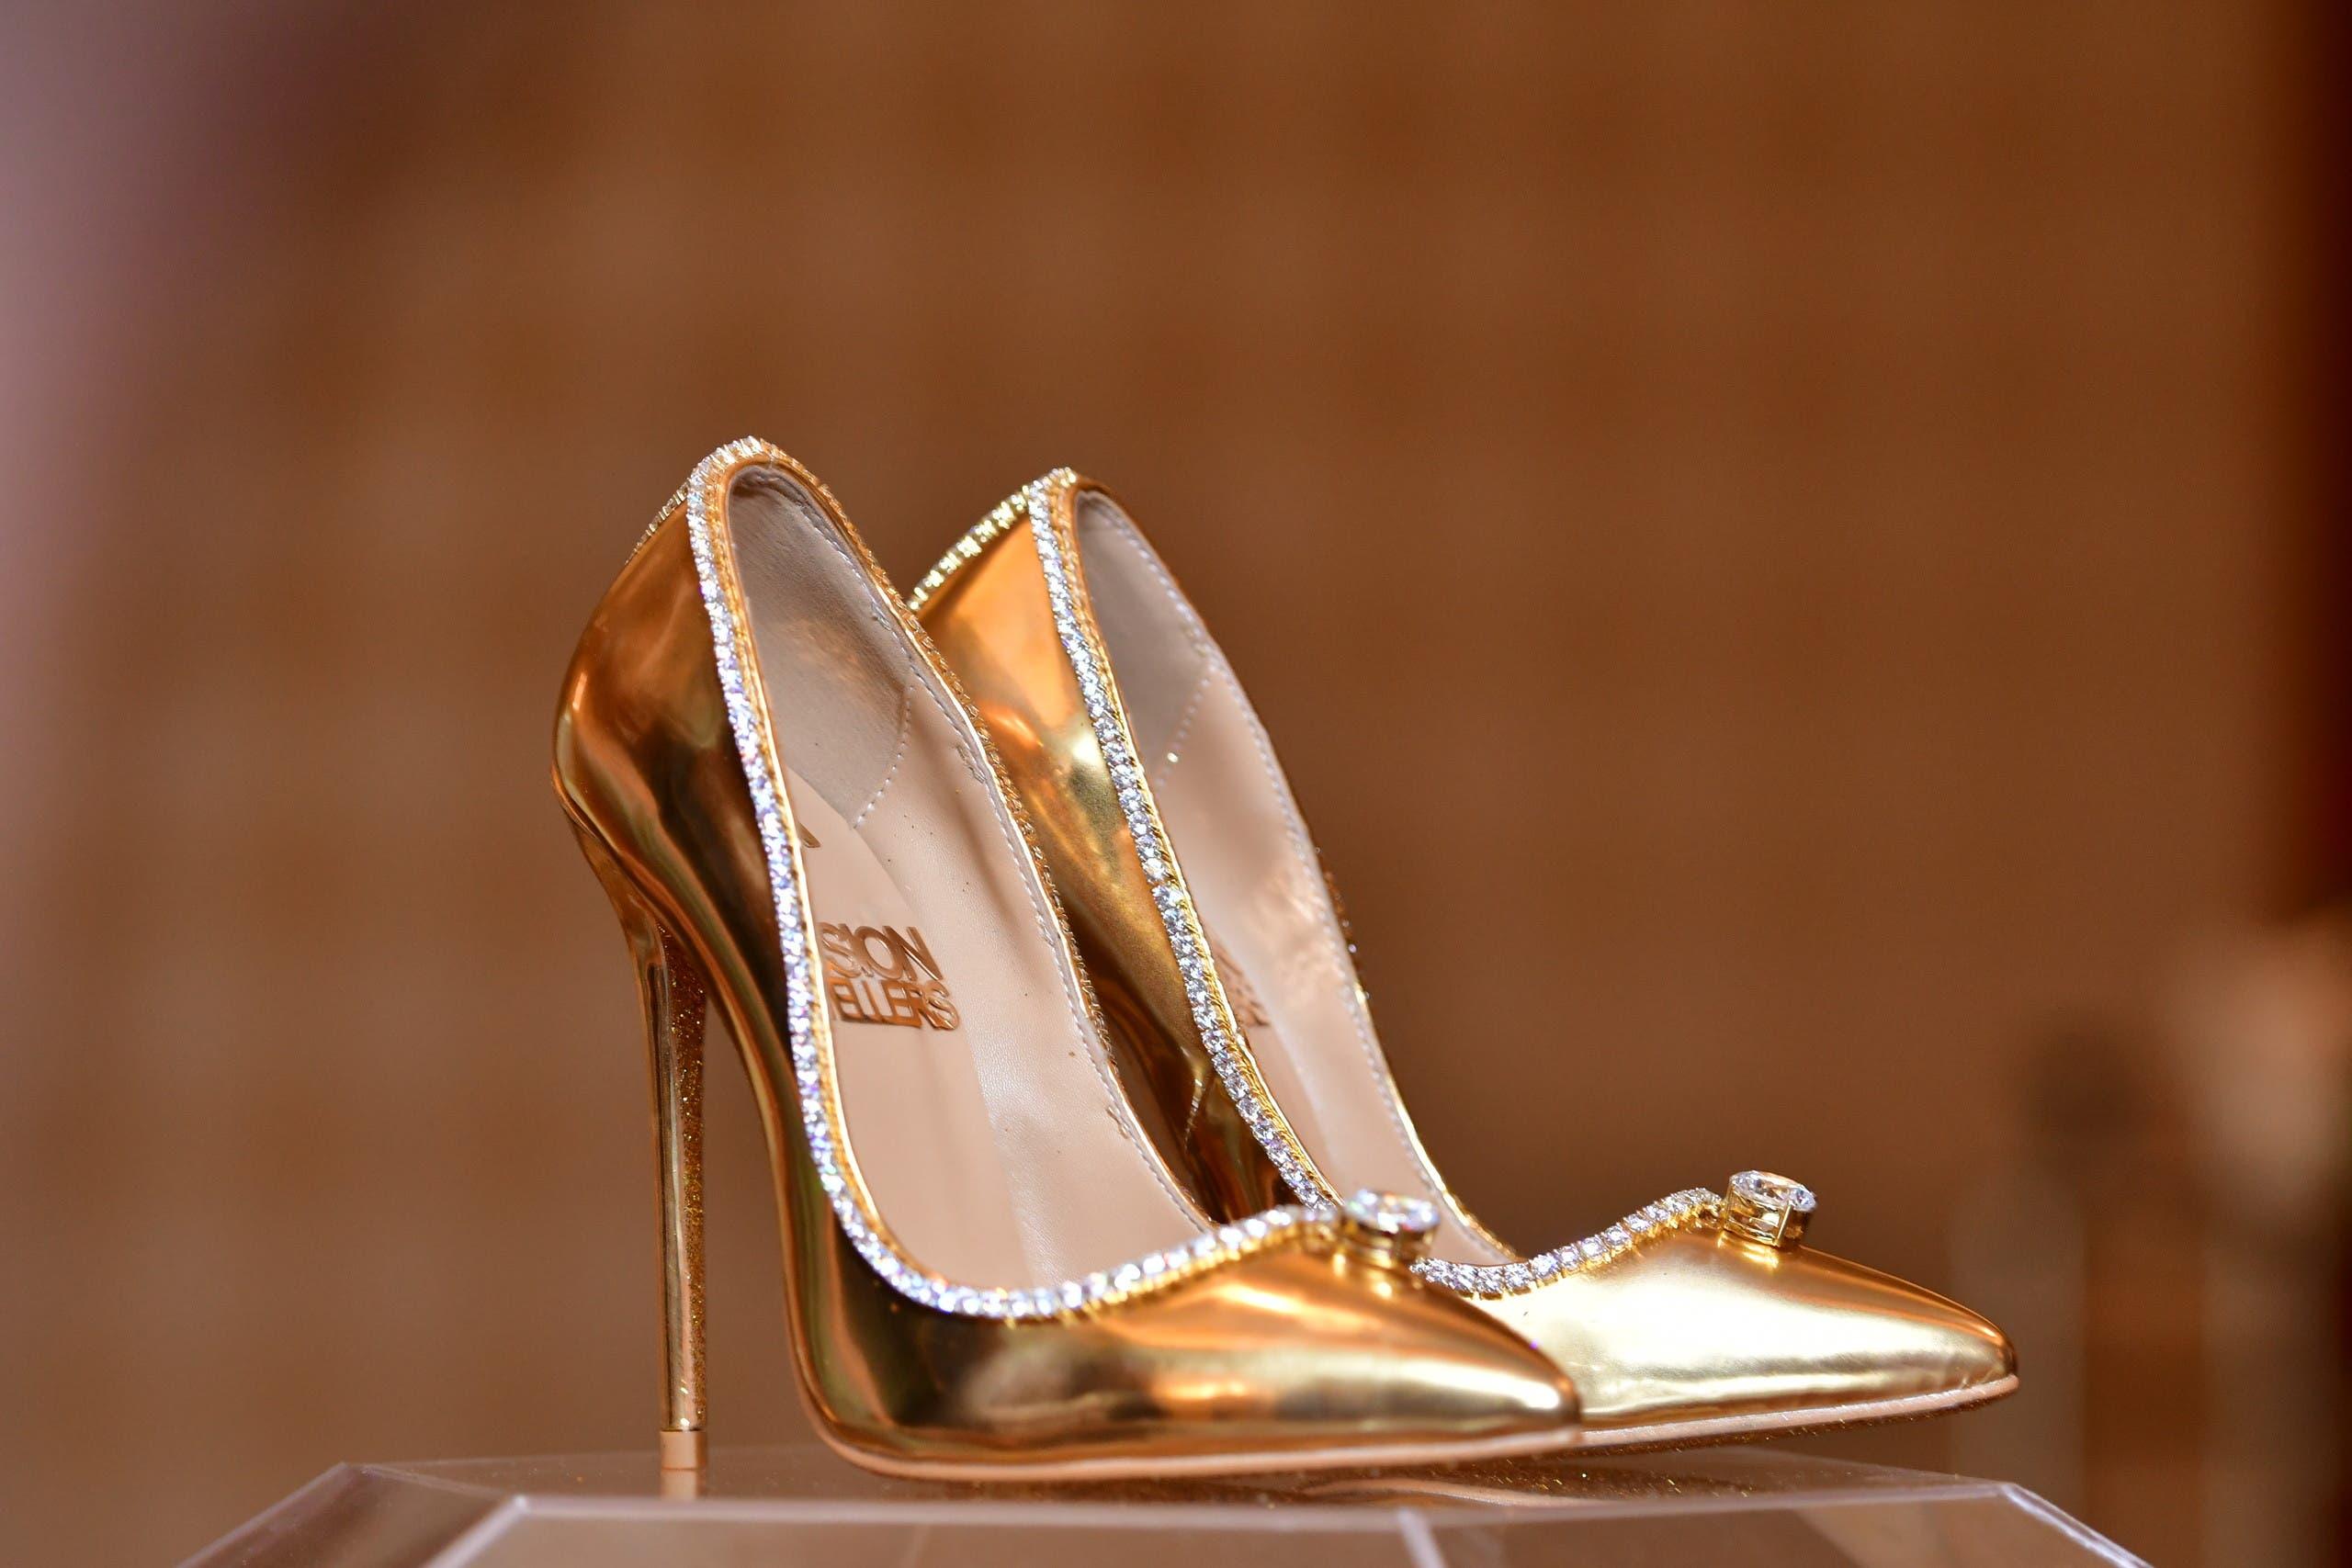 a105365a 454c 4a49 8a07 57f6363f7b6e أغلى حذاء في العالم ،ثمنه  17 مليون دولار ، فمن يشتري؟